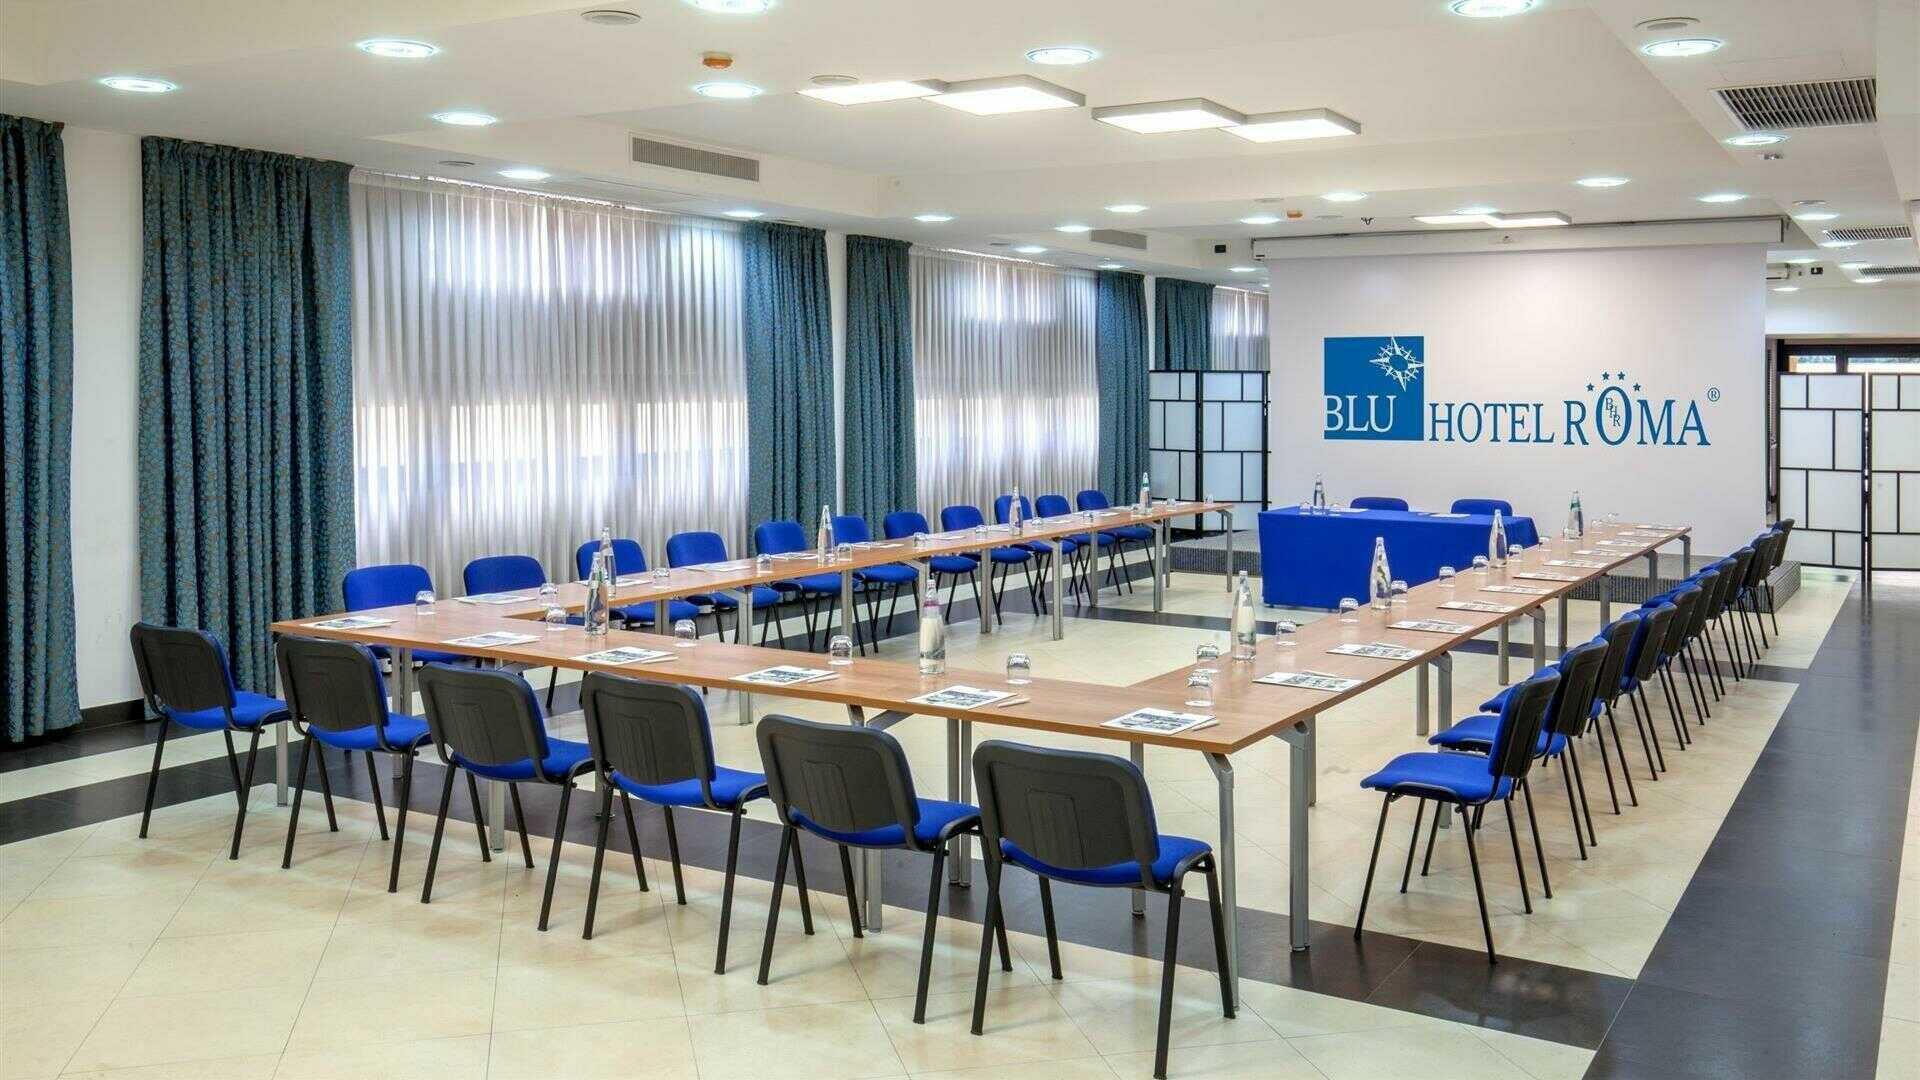 Sale Meeting di BEST WESTERN BLU HOTEL ROMA - Roma